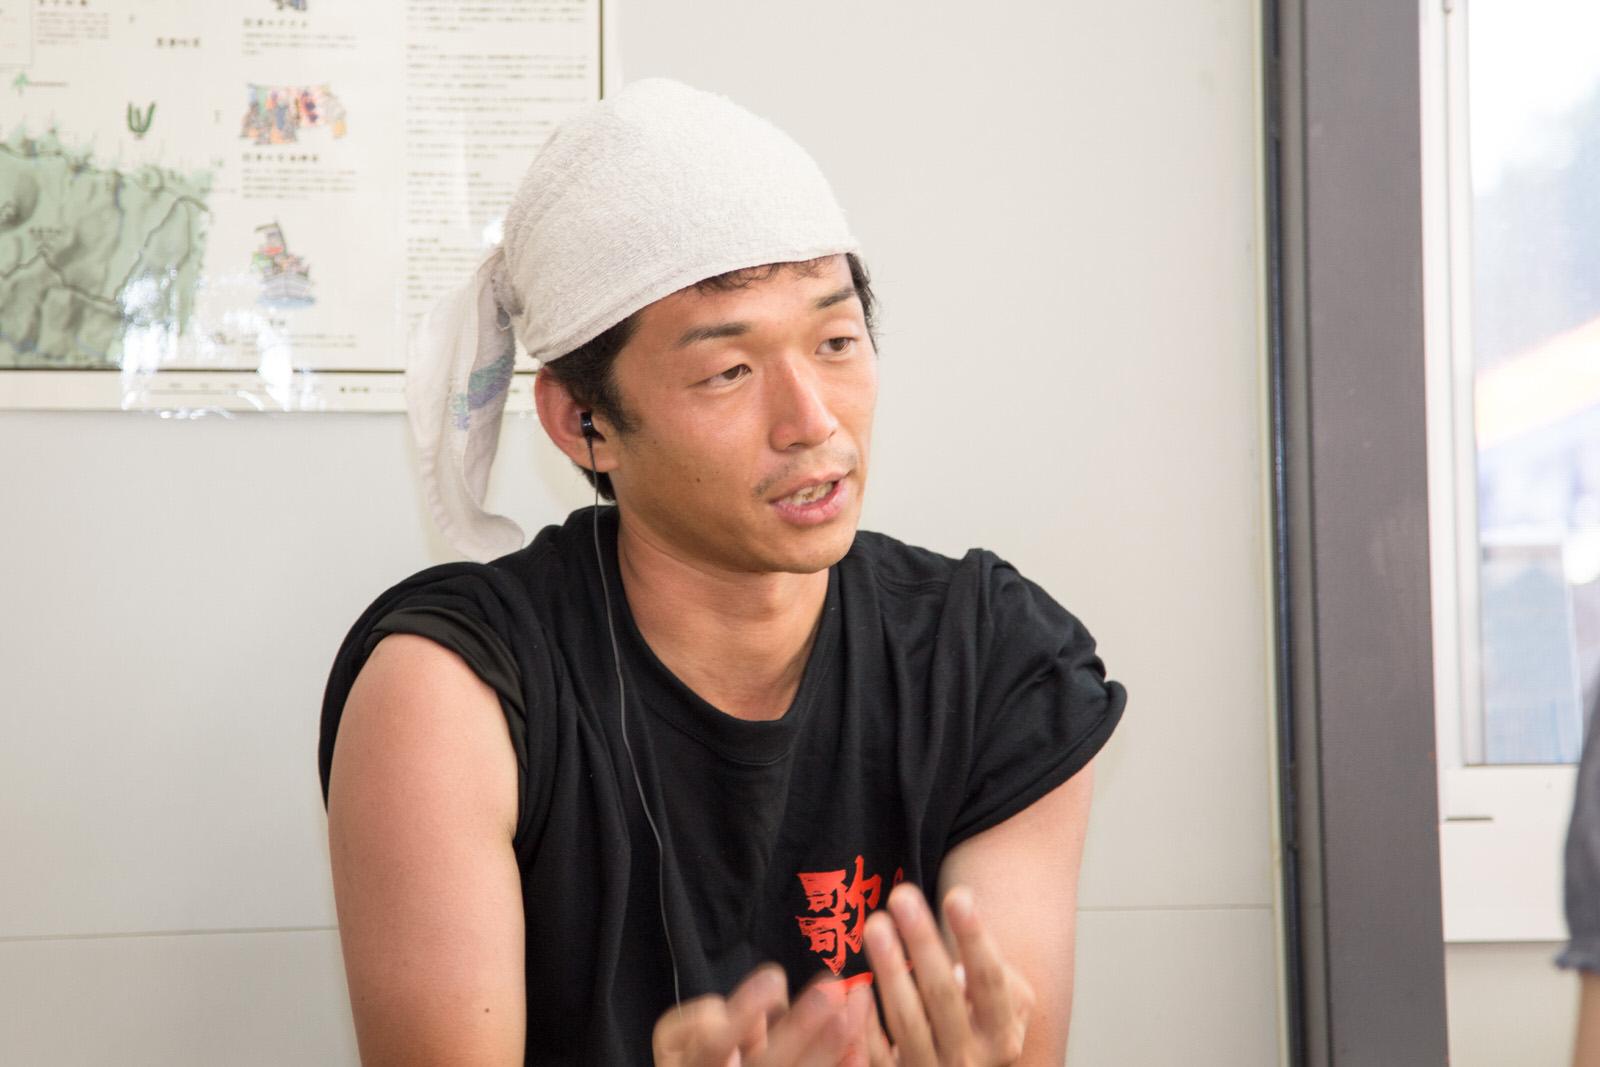 仙台市出身で、震災後に南三陸に移住した宮本さん